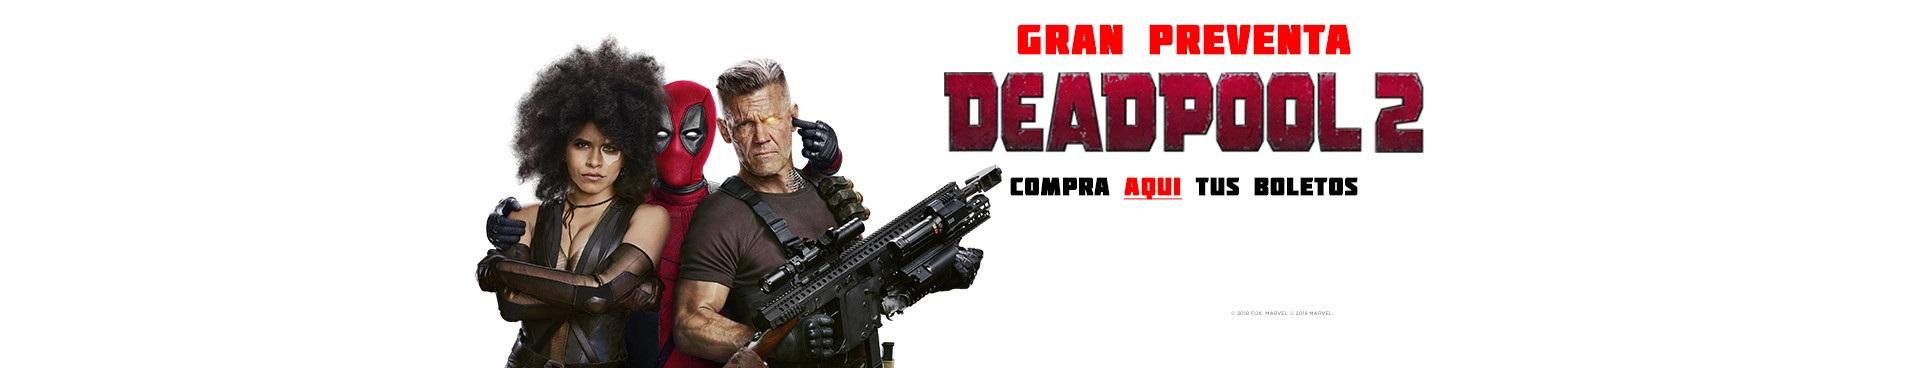 Preventa: Deadpool 2